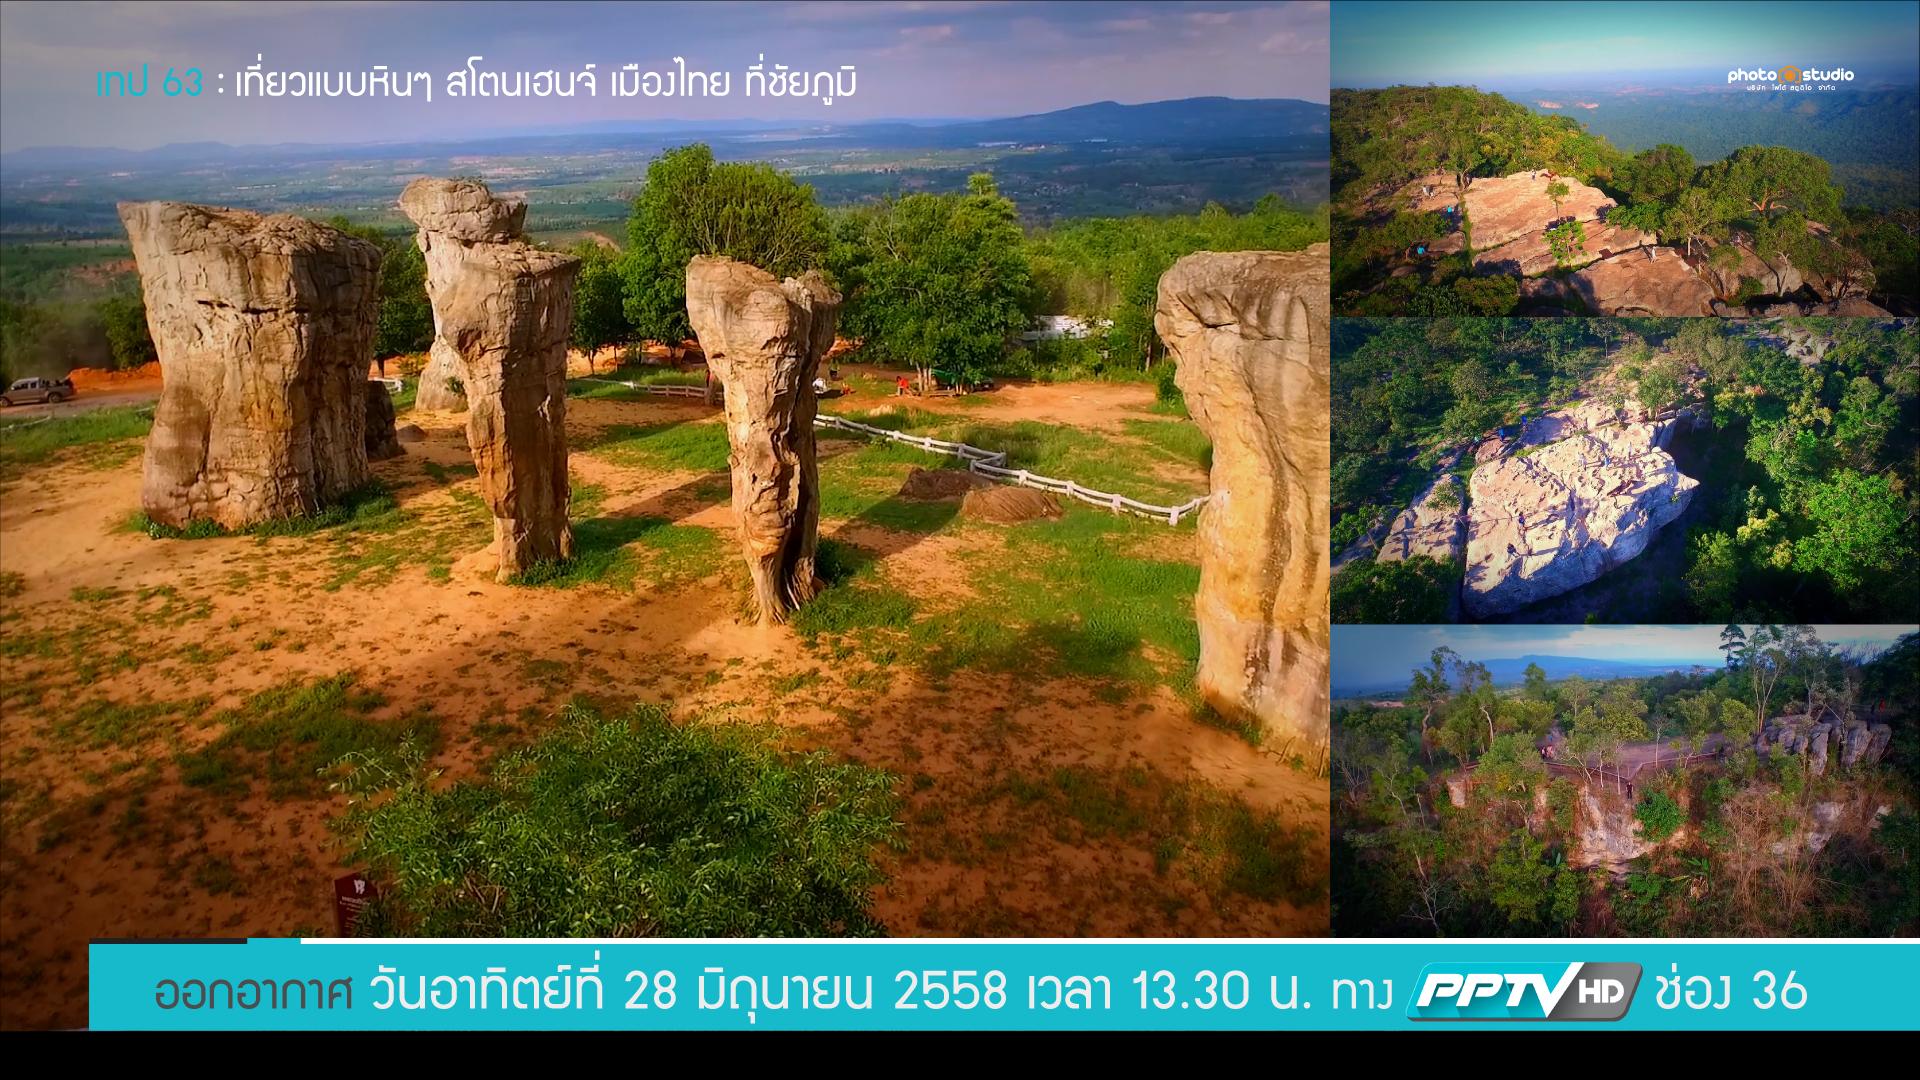 ตอน Unseen สโตนเฮนจ์เมืองไทยที่มอหินขาว